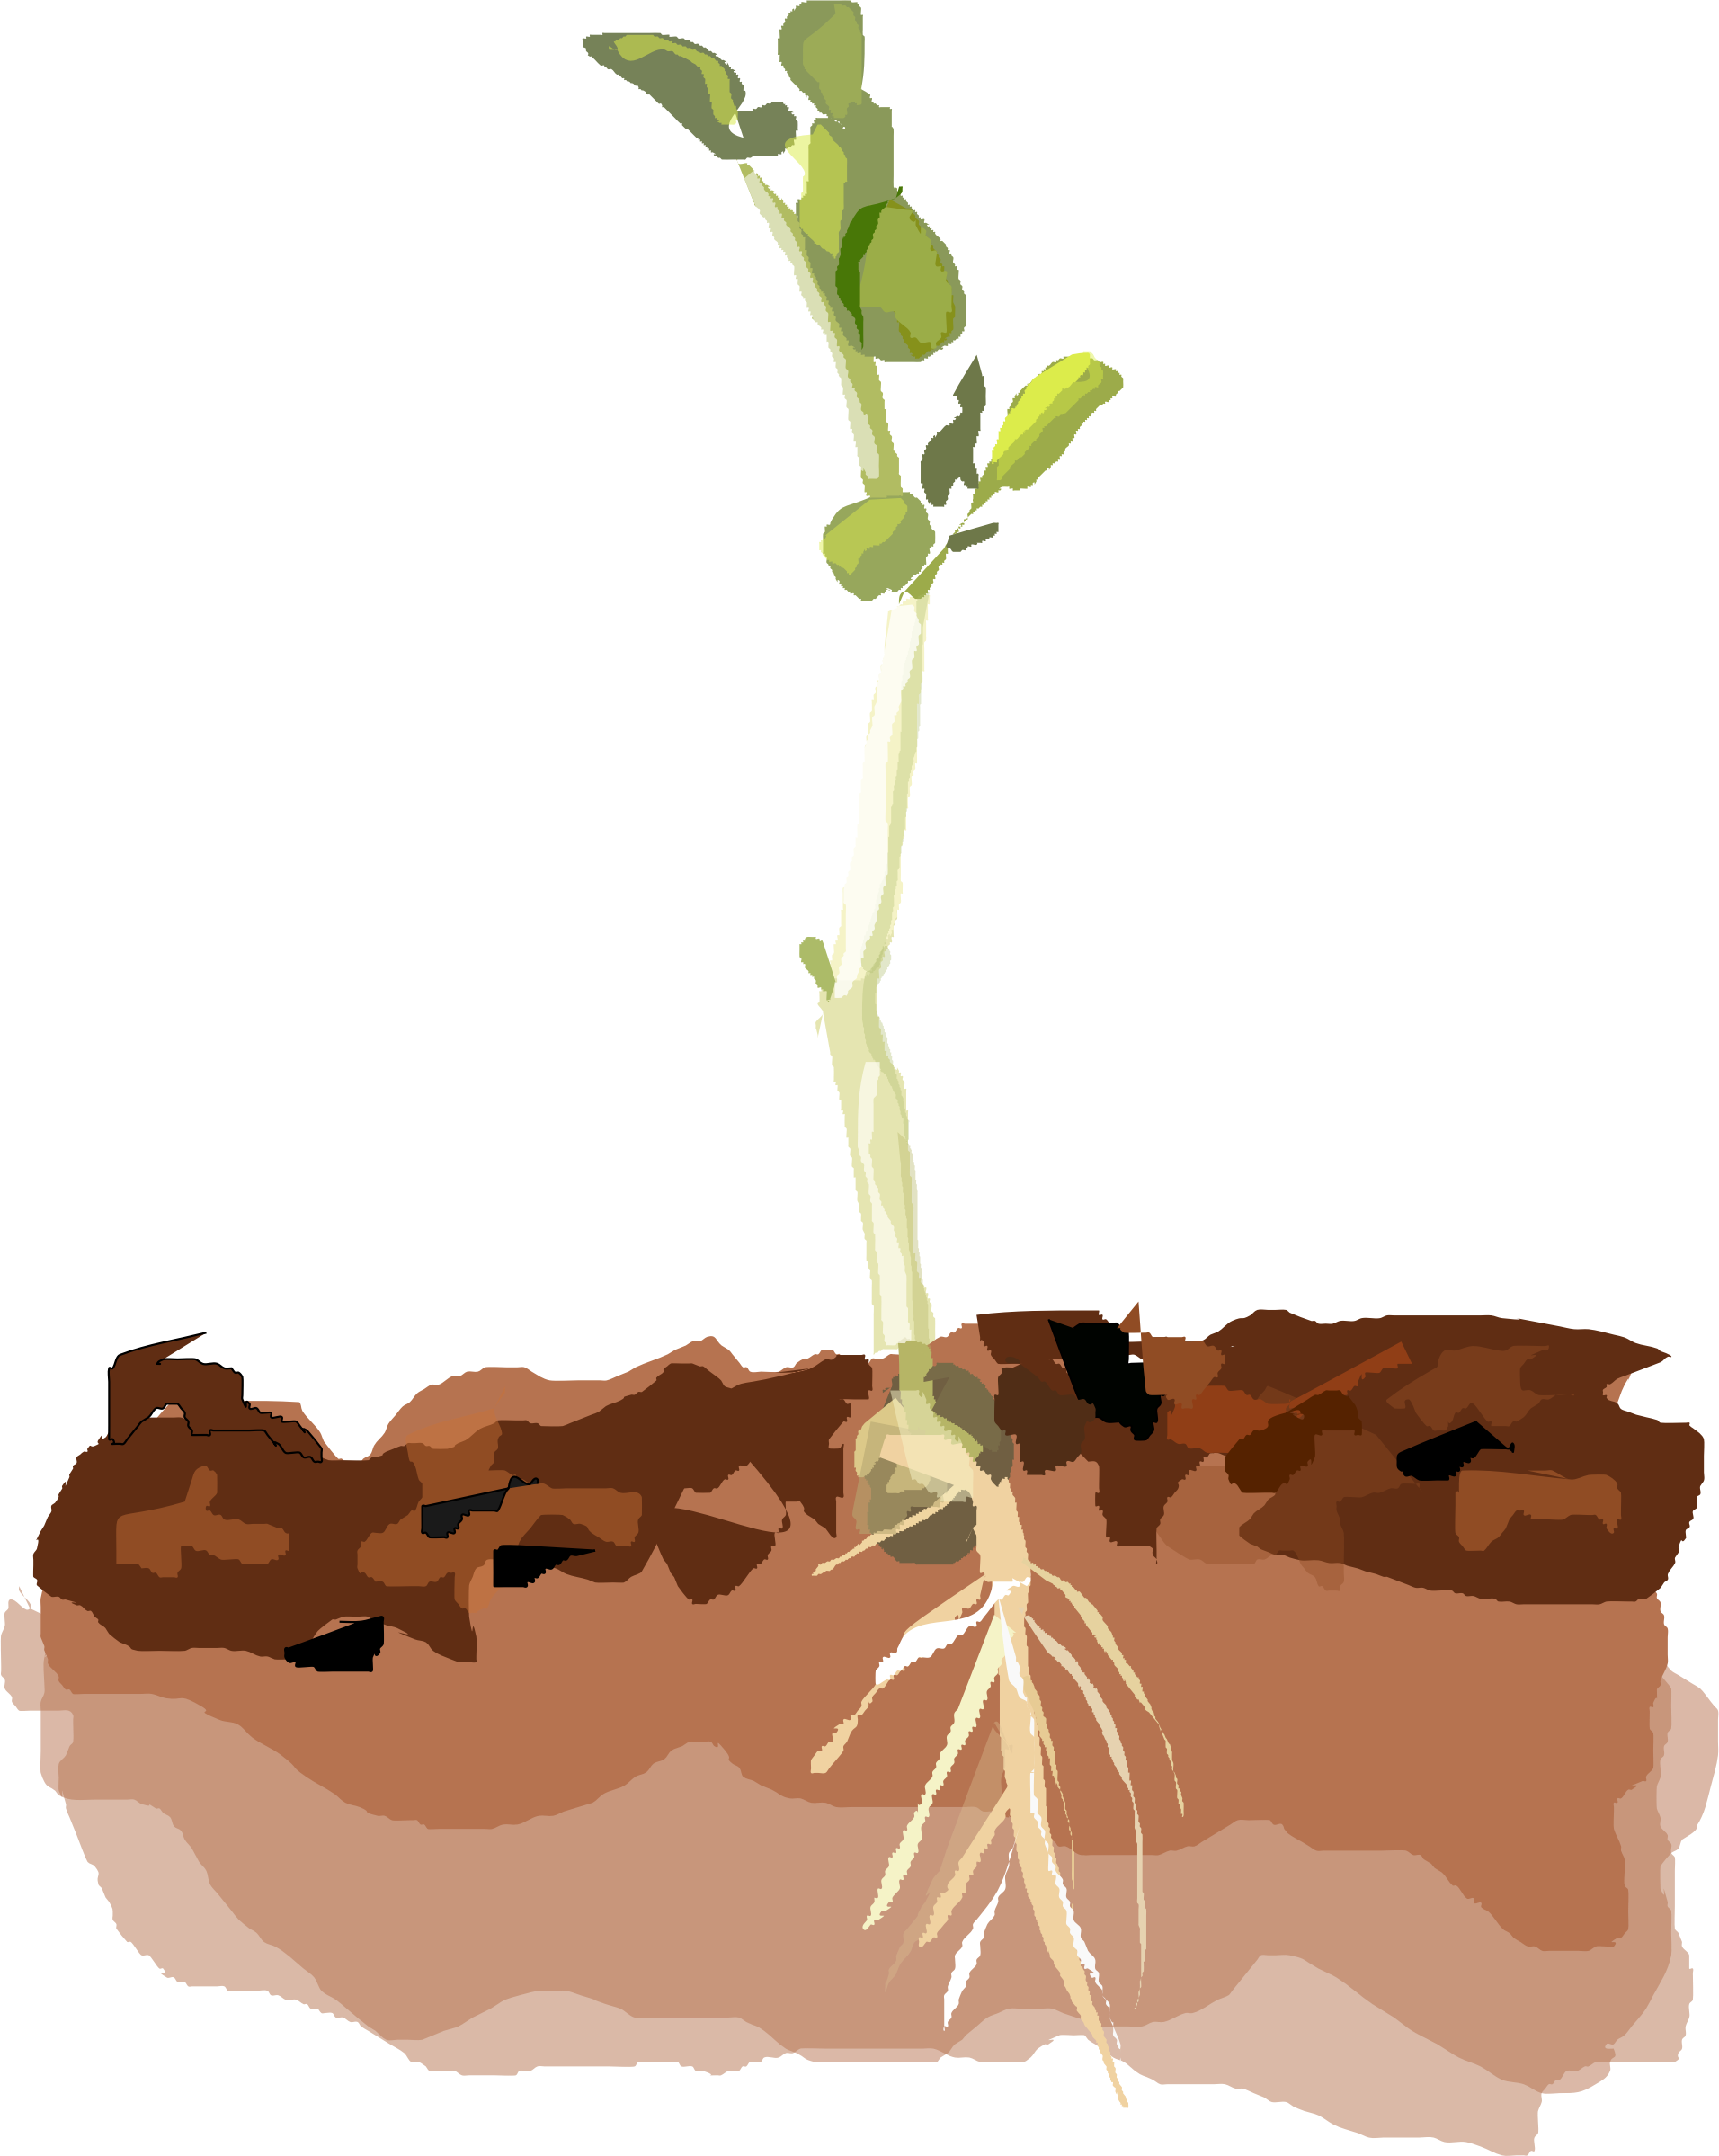 Soil Vector